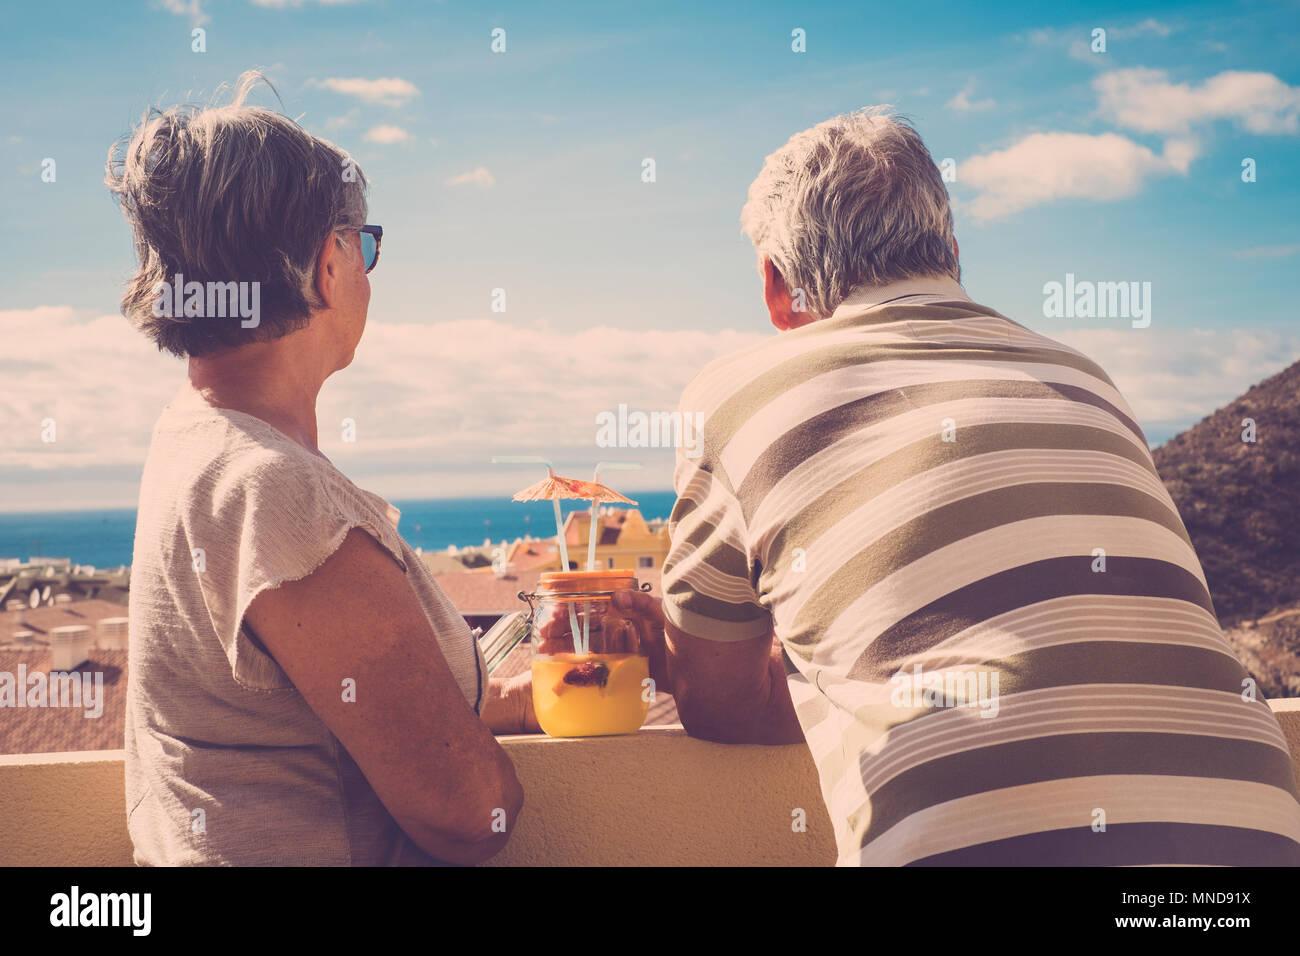 Zwei ältere Mann und Frau gemeinsam die Ozean Blick in Urlaub. Rückansicht mit Dächern im Vintage Style. Stockbild